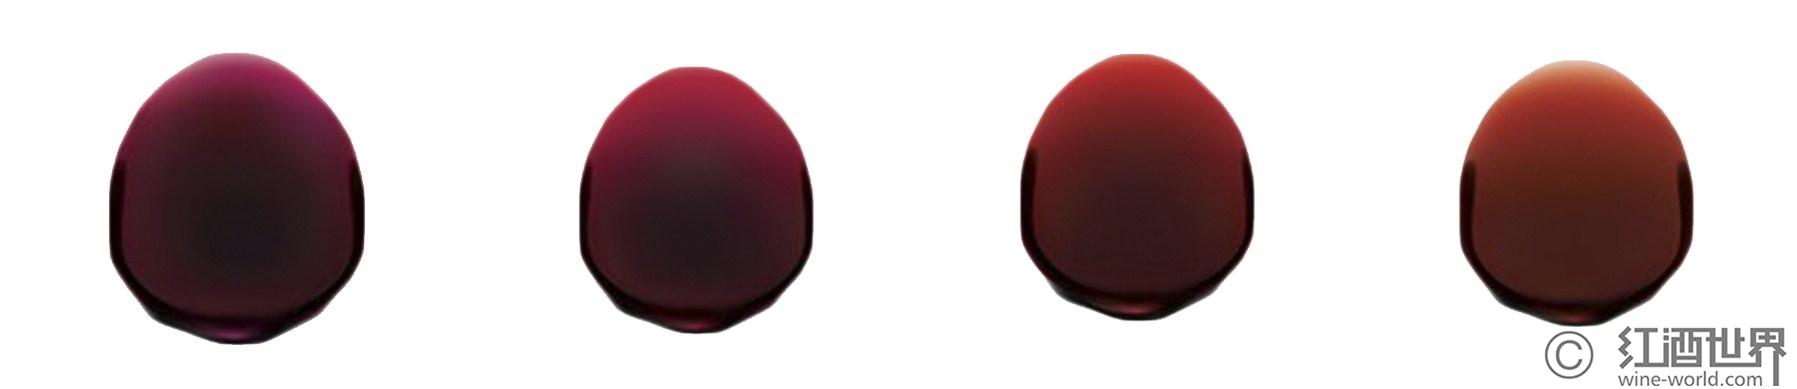 一文解惑:葡萄酒就是红酒吗?